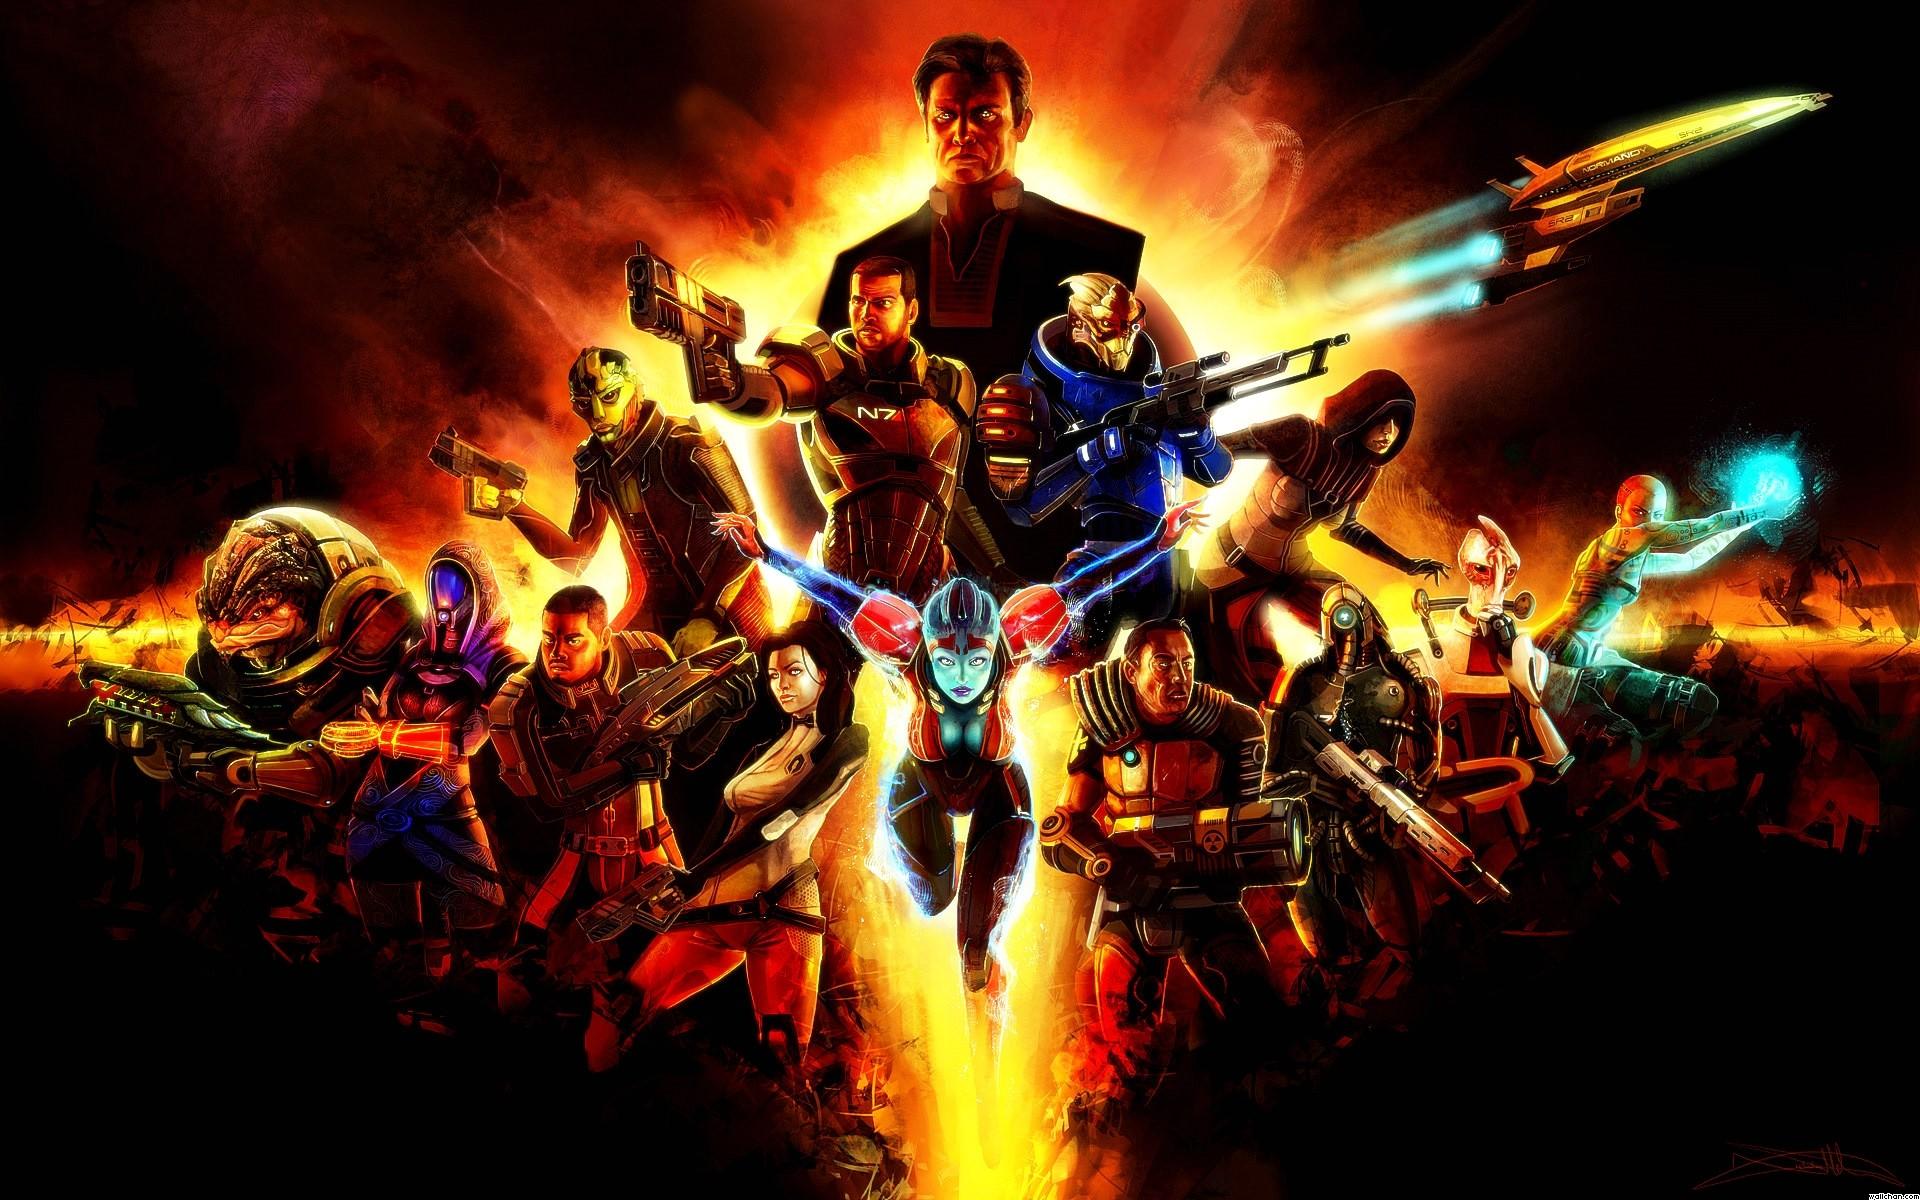 Video Game – Mass Effect 2 Legion (Mass Effect) Zaeed Massani Grunt (Mass